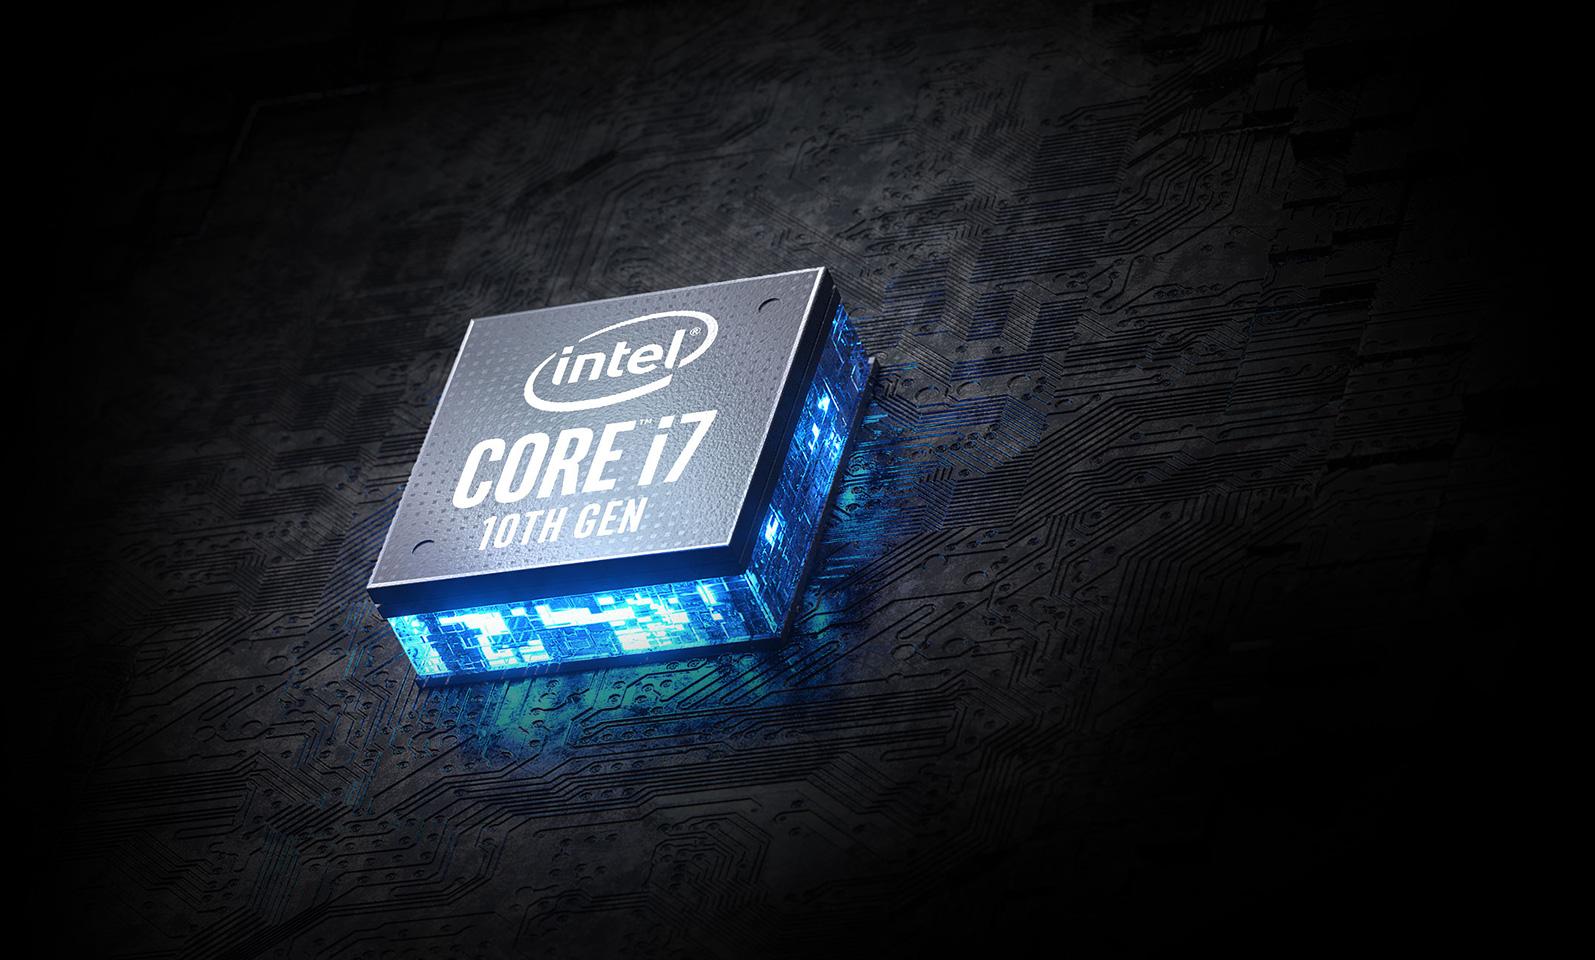 Intel 10th Gen Core i7 Processors